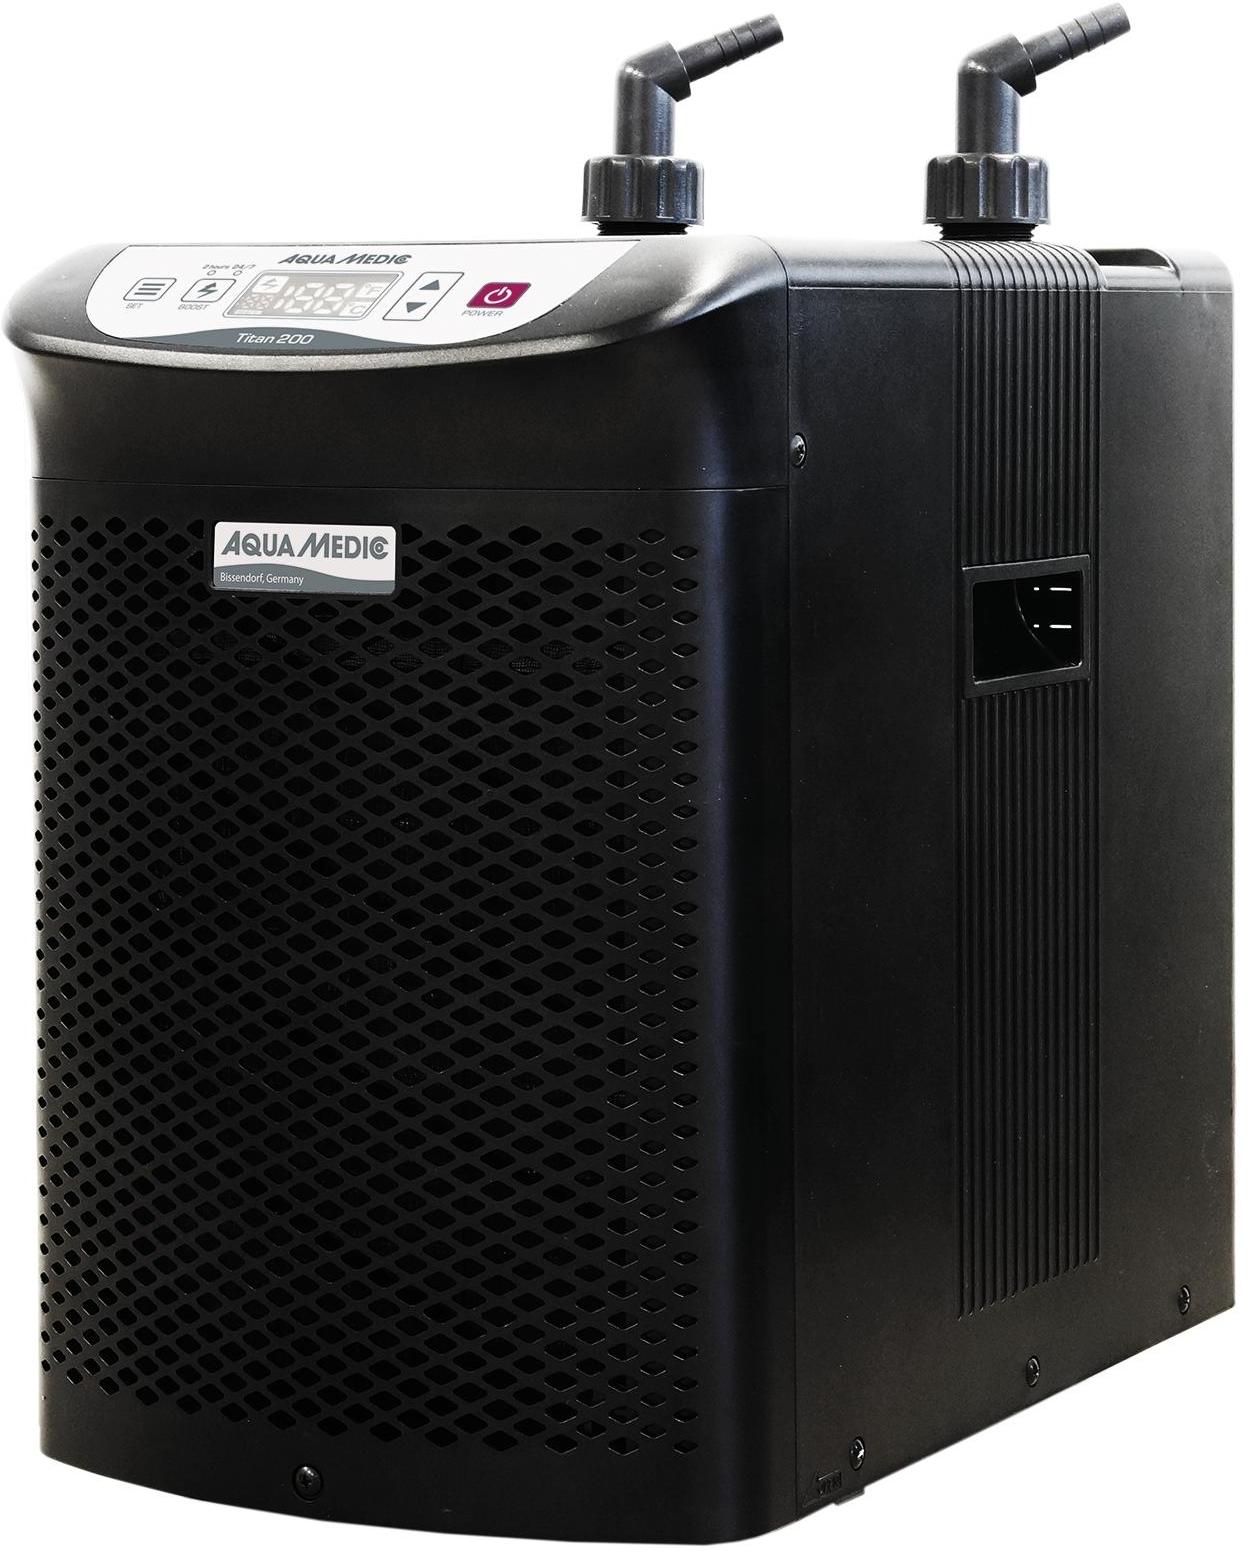 Water Cooling Unit Aqua Medic Titan